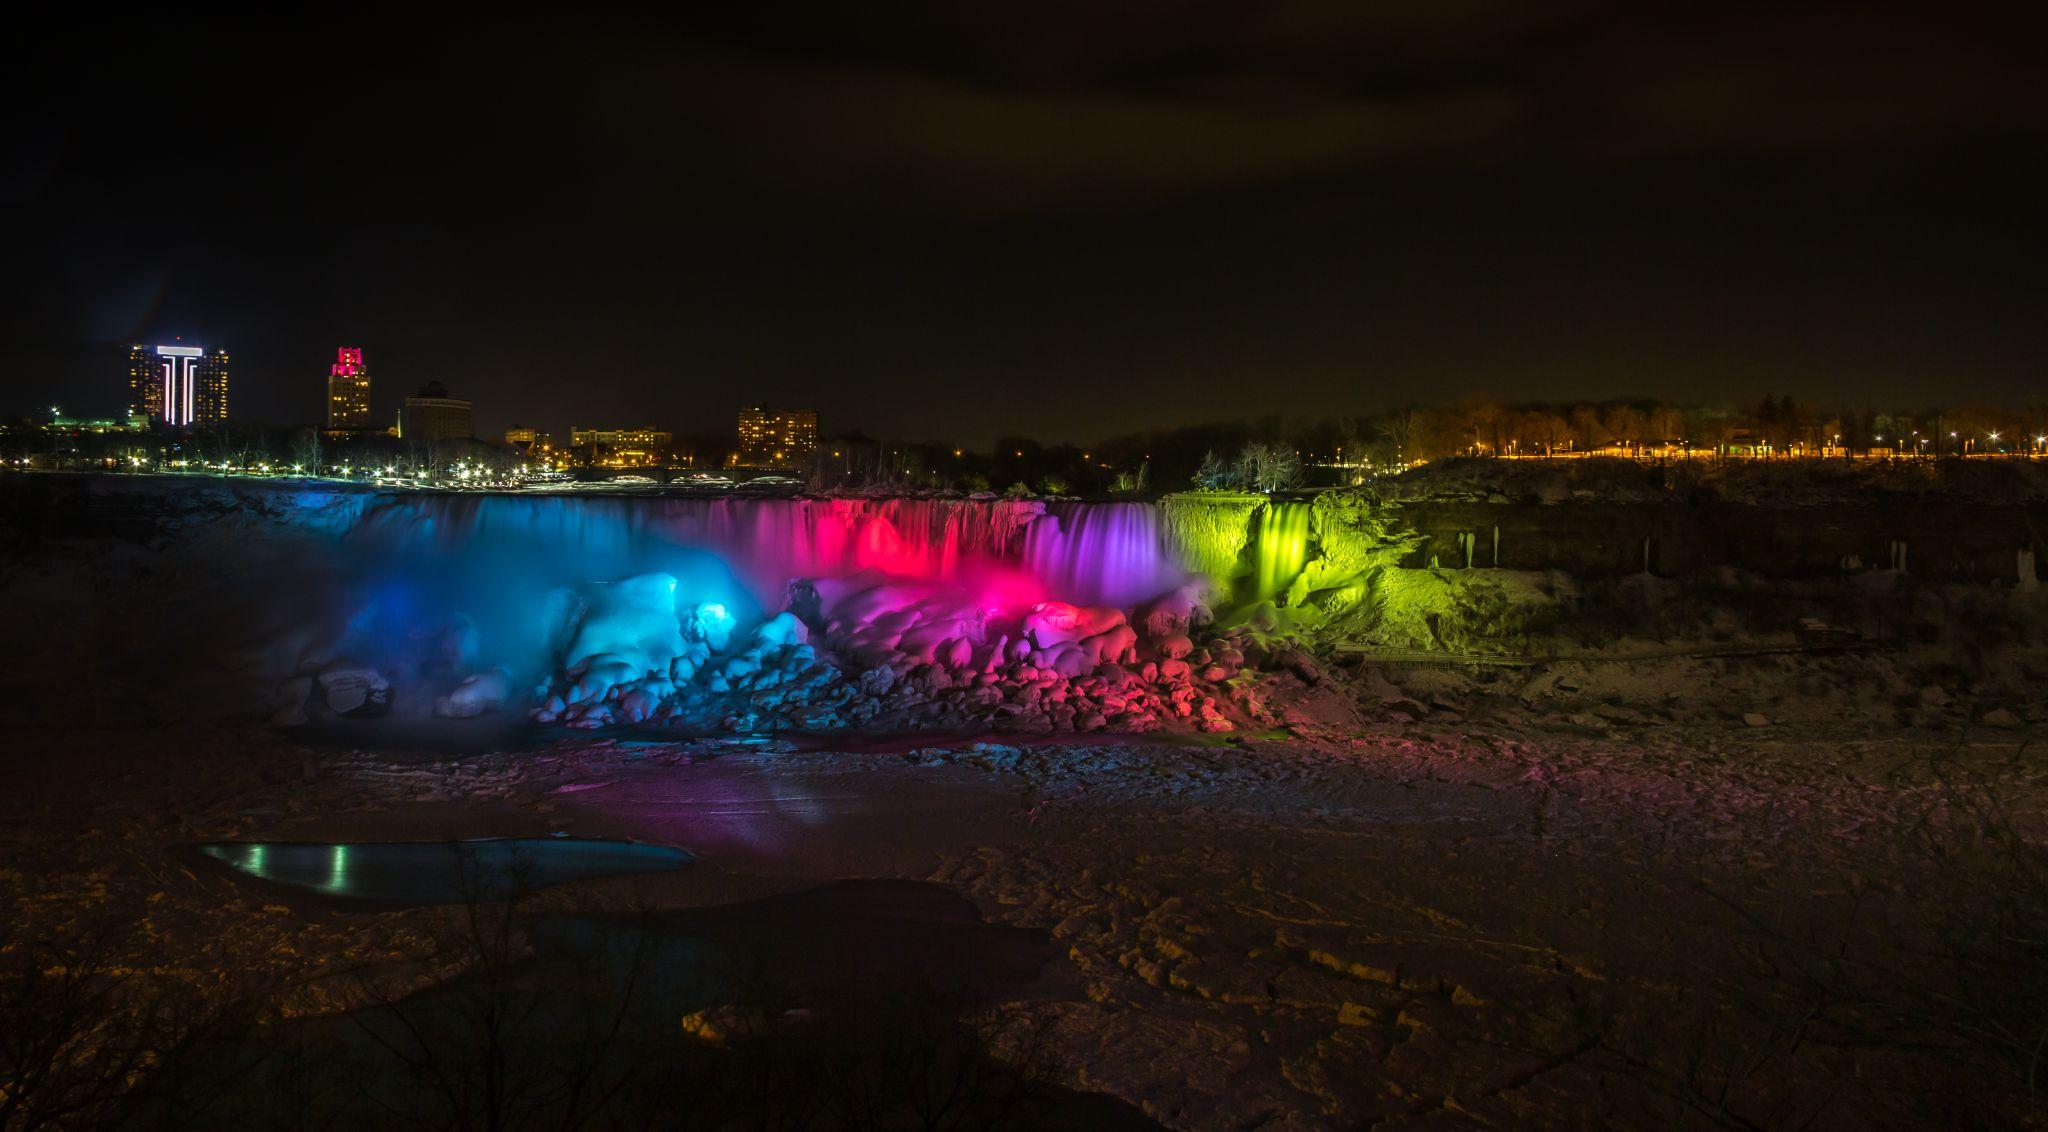 American Falls at Niagara Falls, Canada